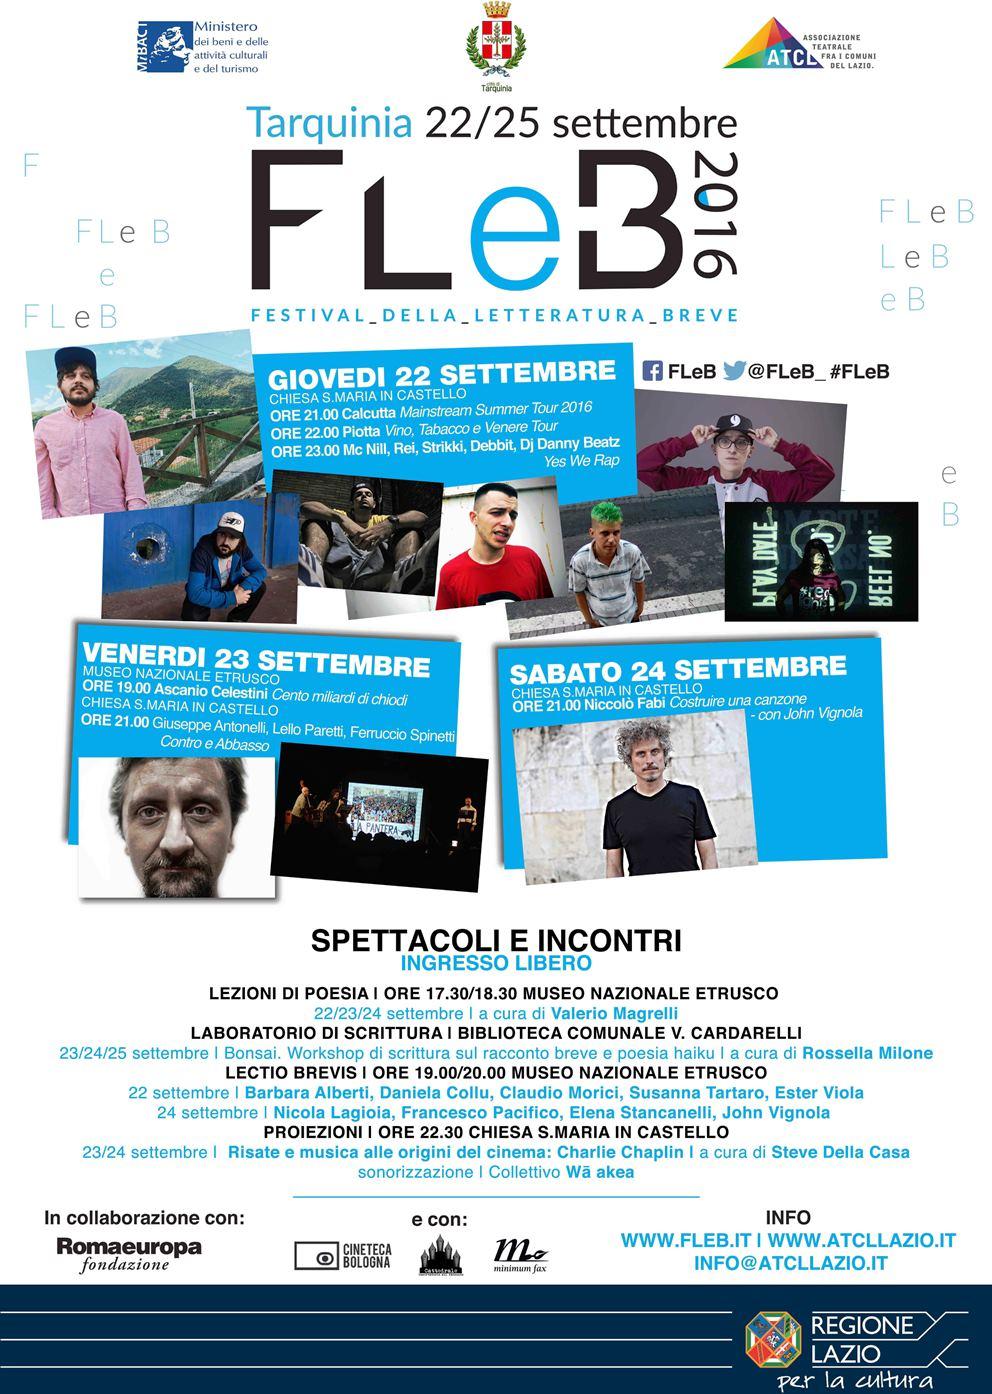 Manifesto fleb tarquinia